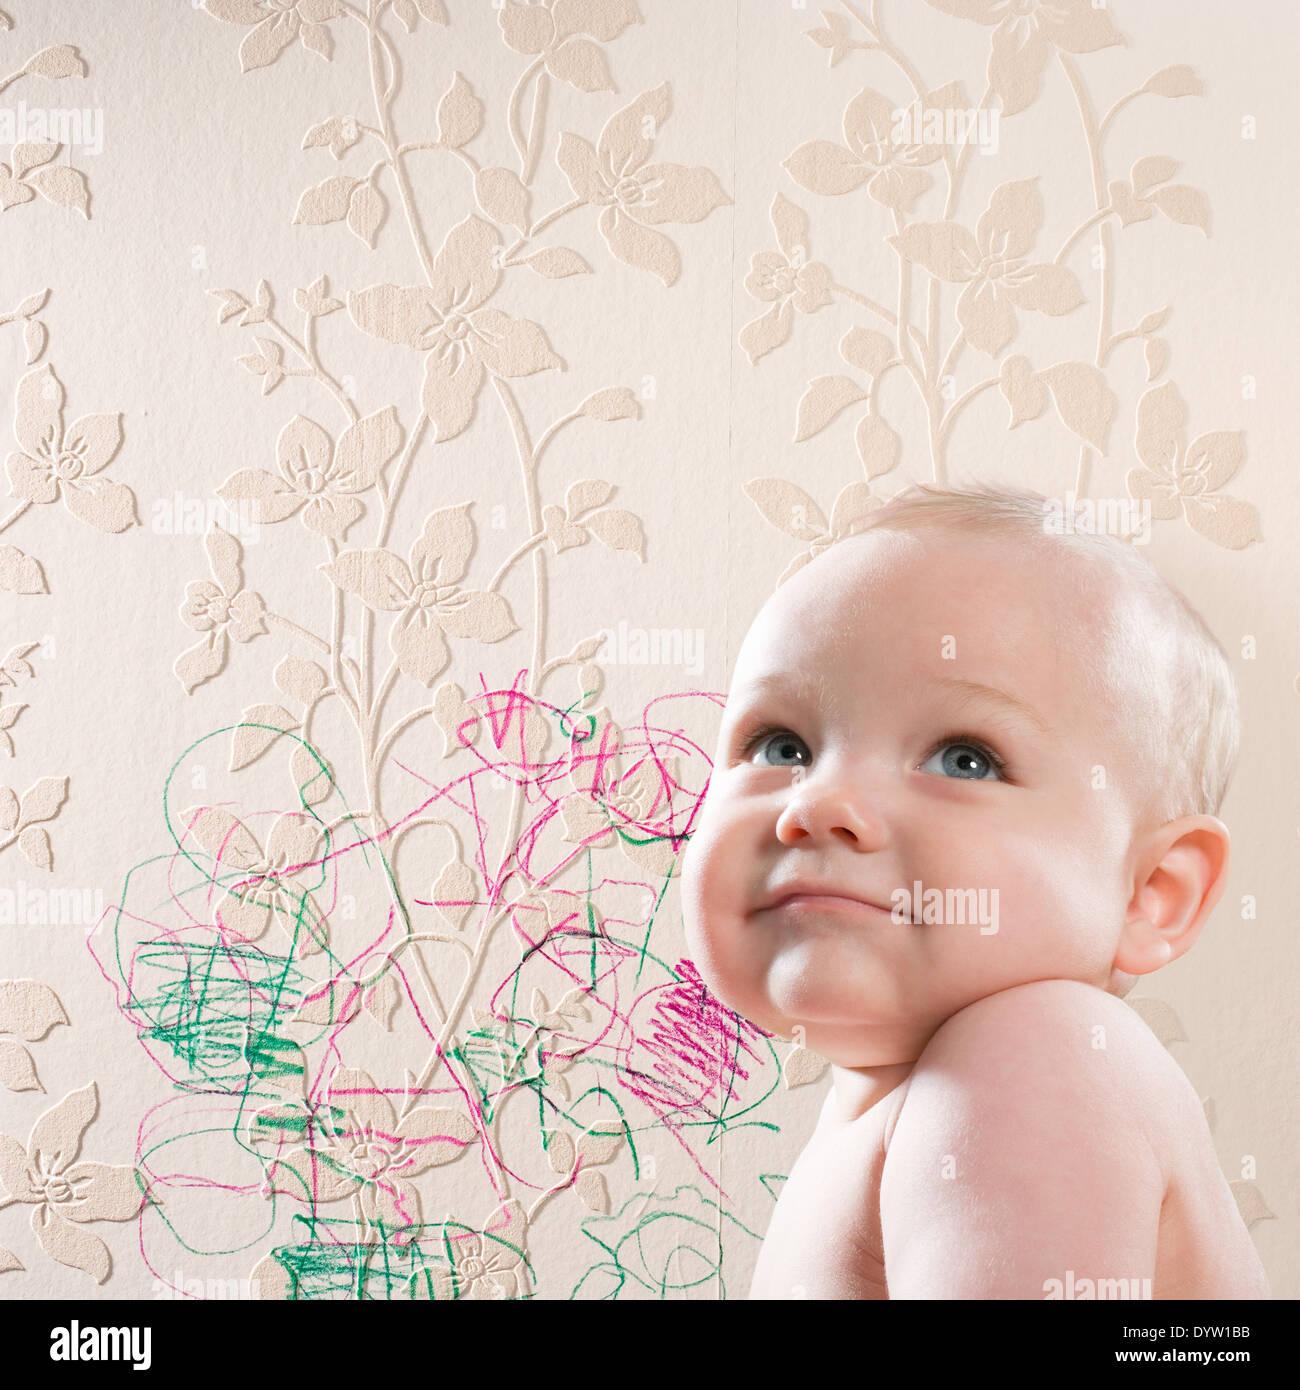 Cheeky bebé Imagen De Stock